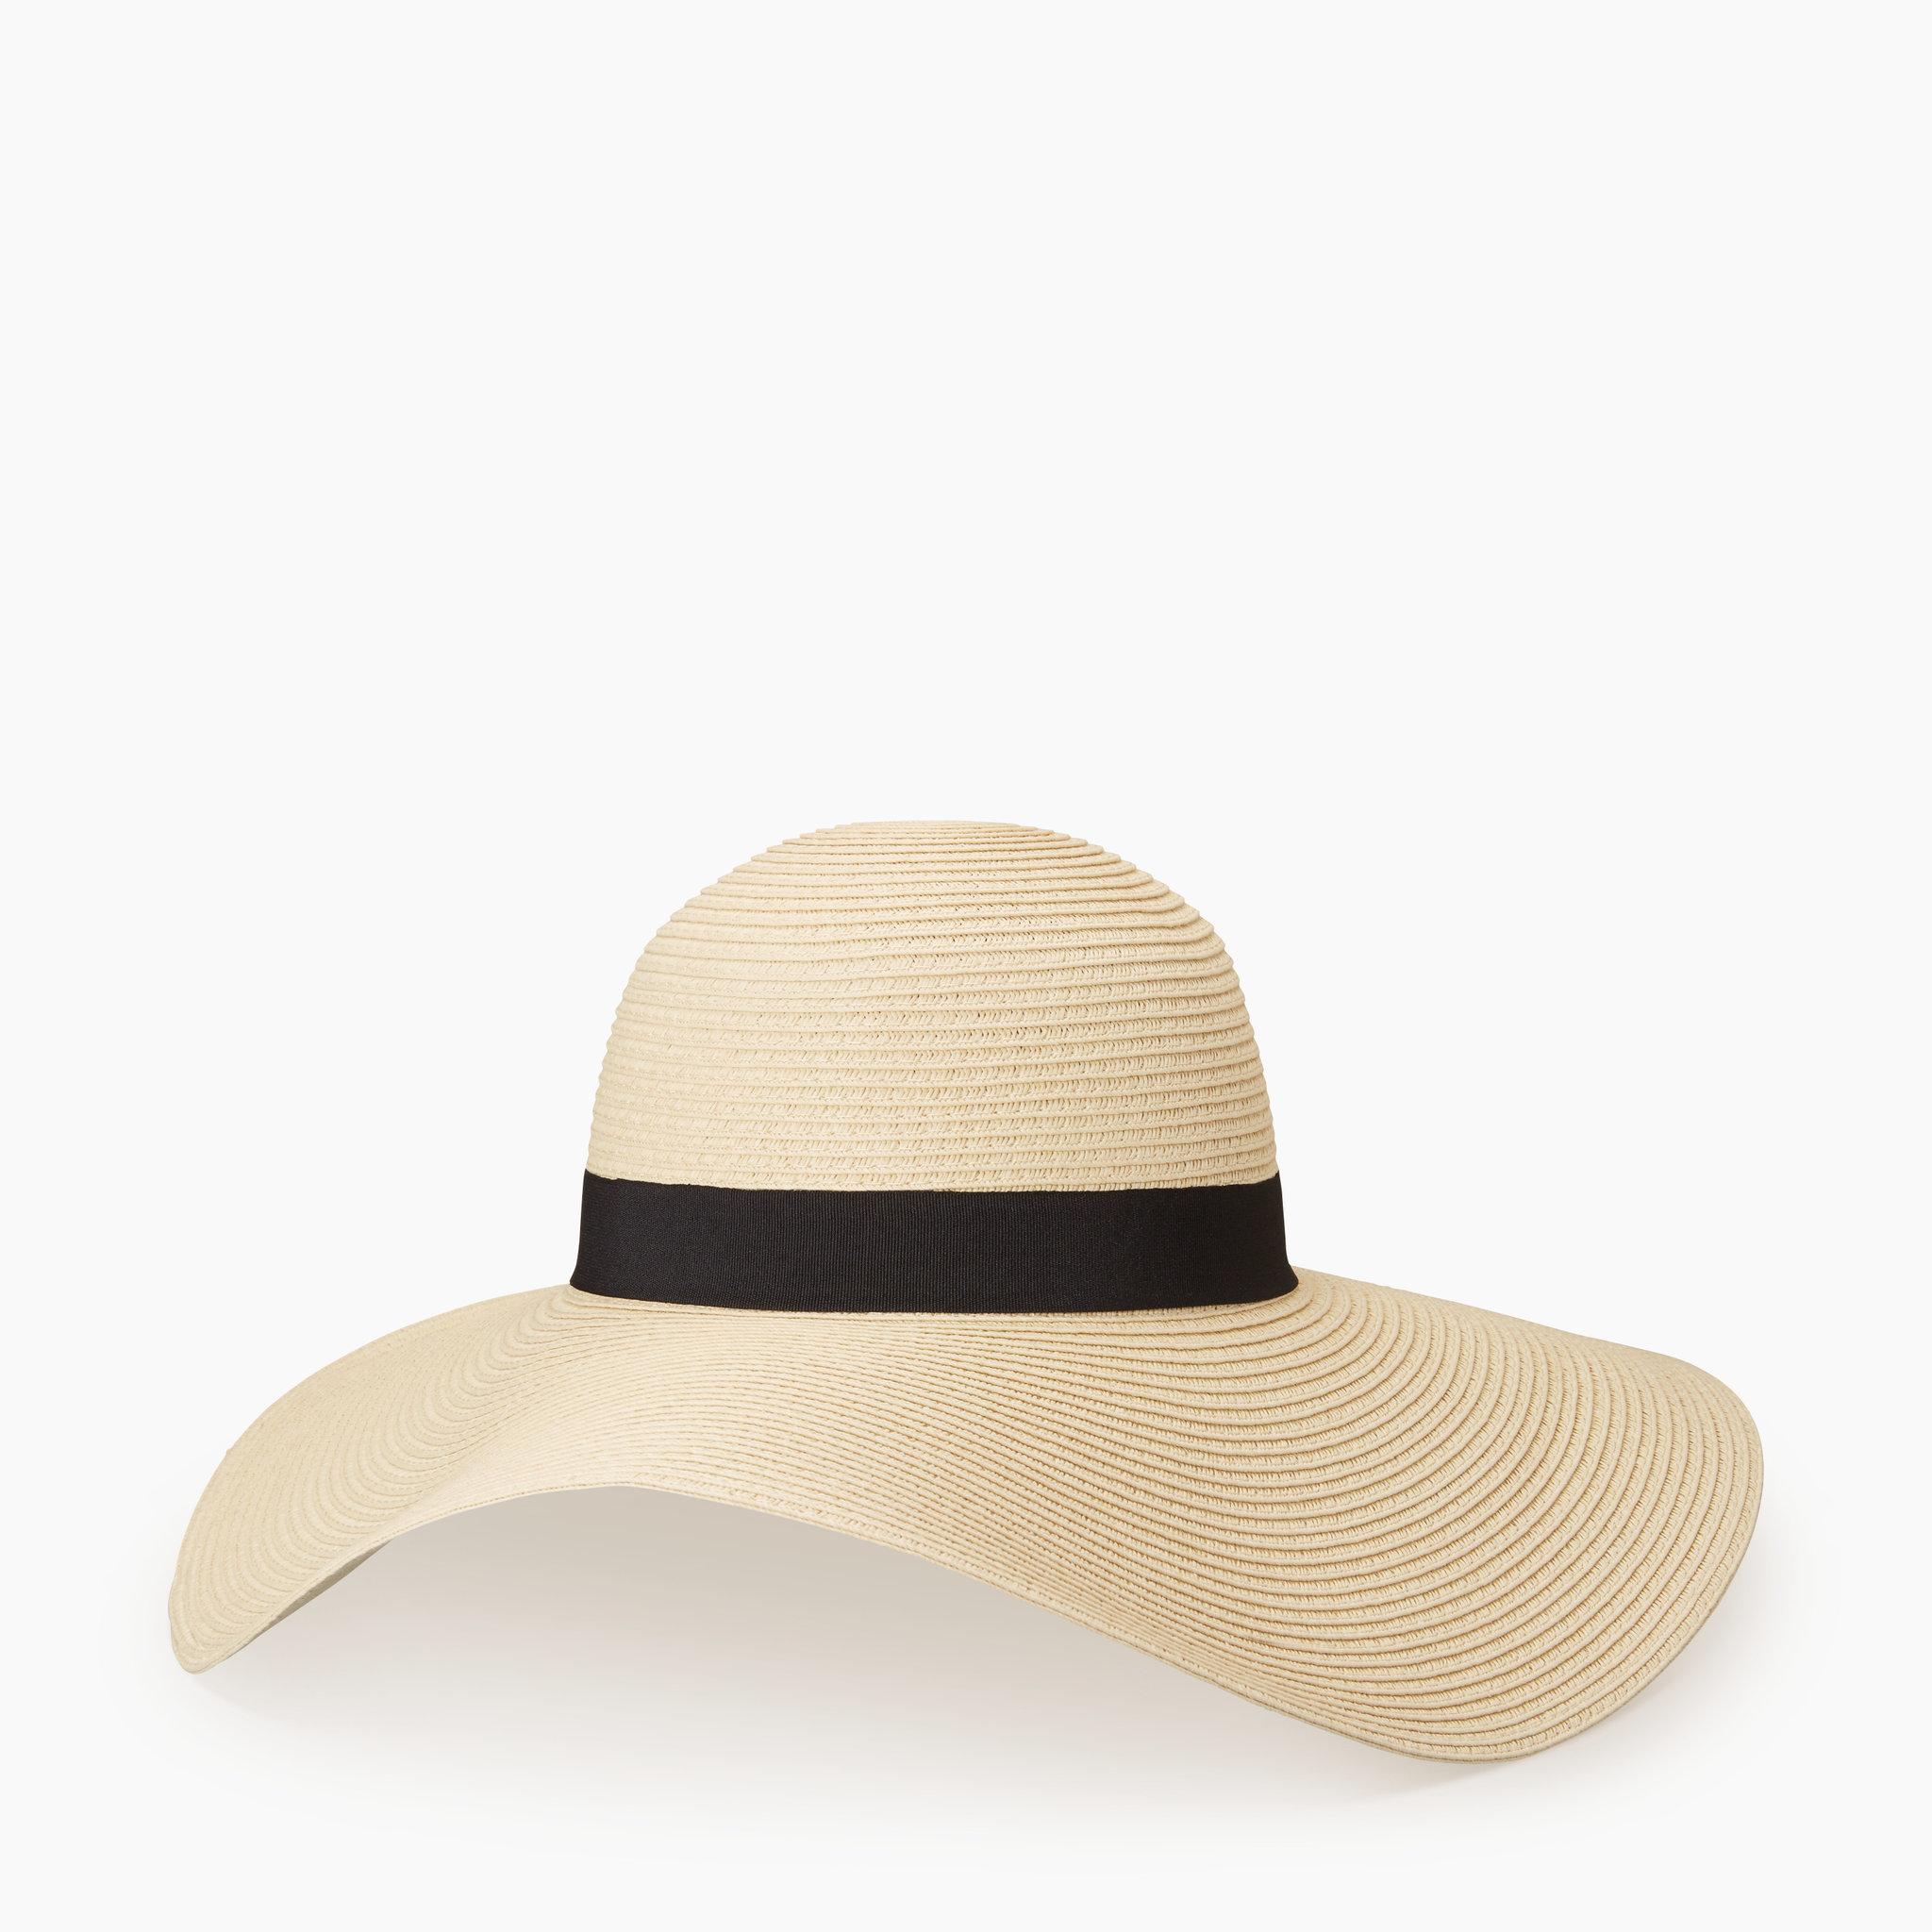 Hatt - Mössor   hattar - Köp online på åhlens.se! c4df0b106fd32